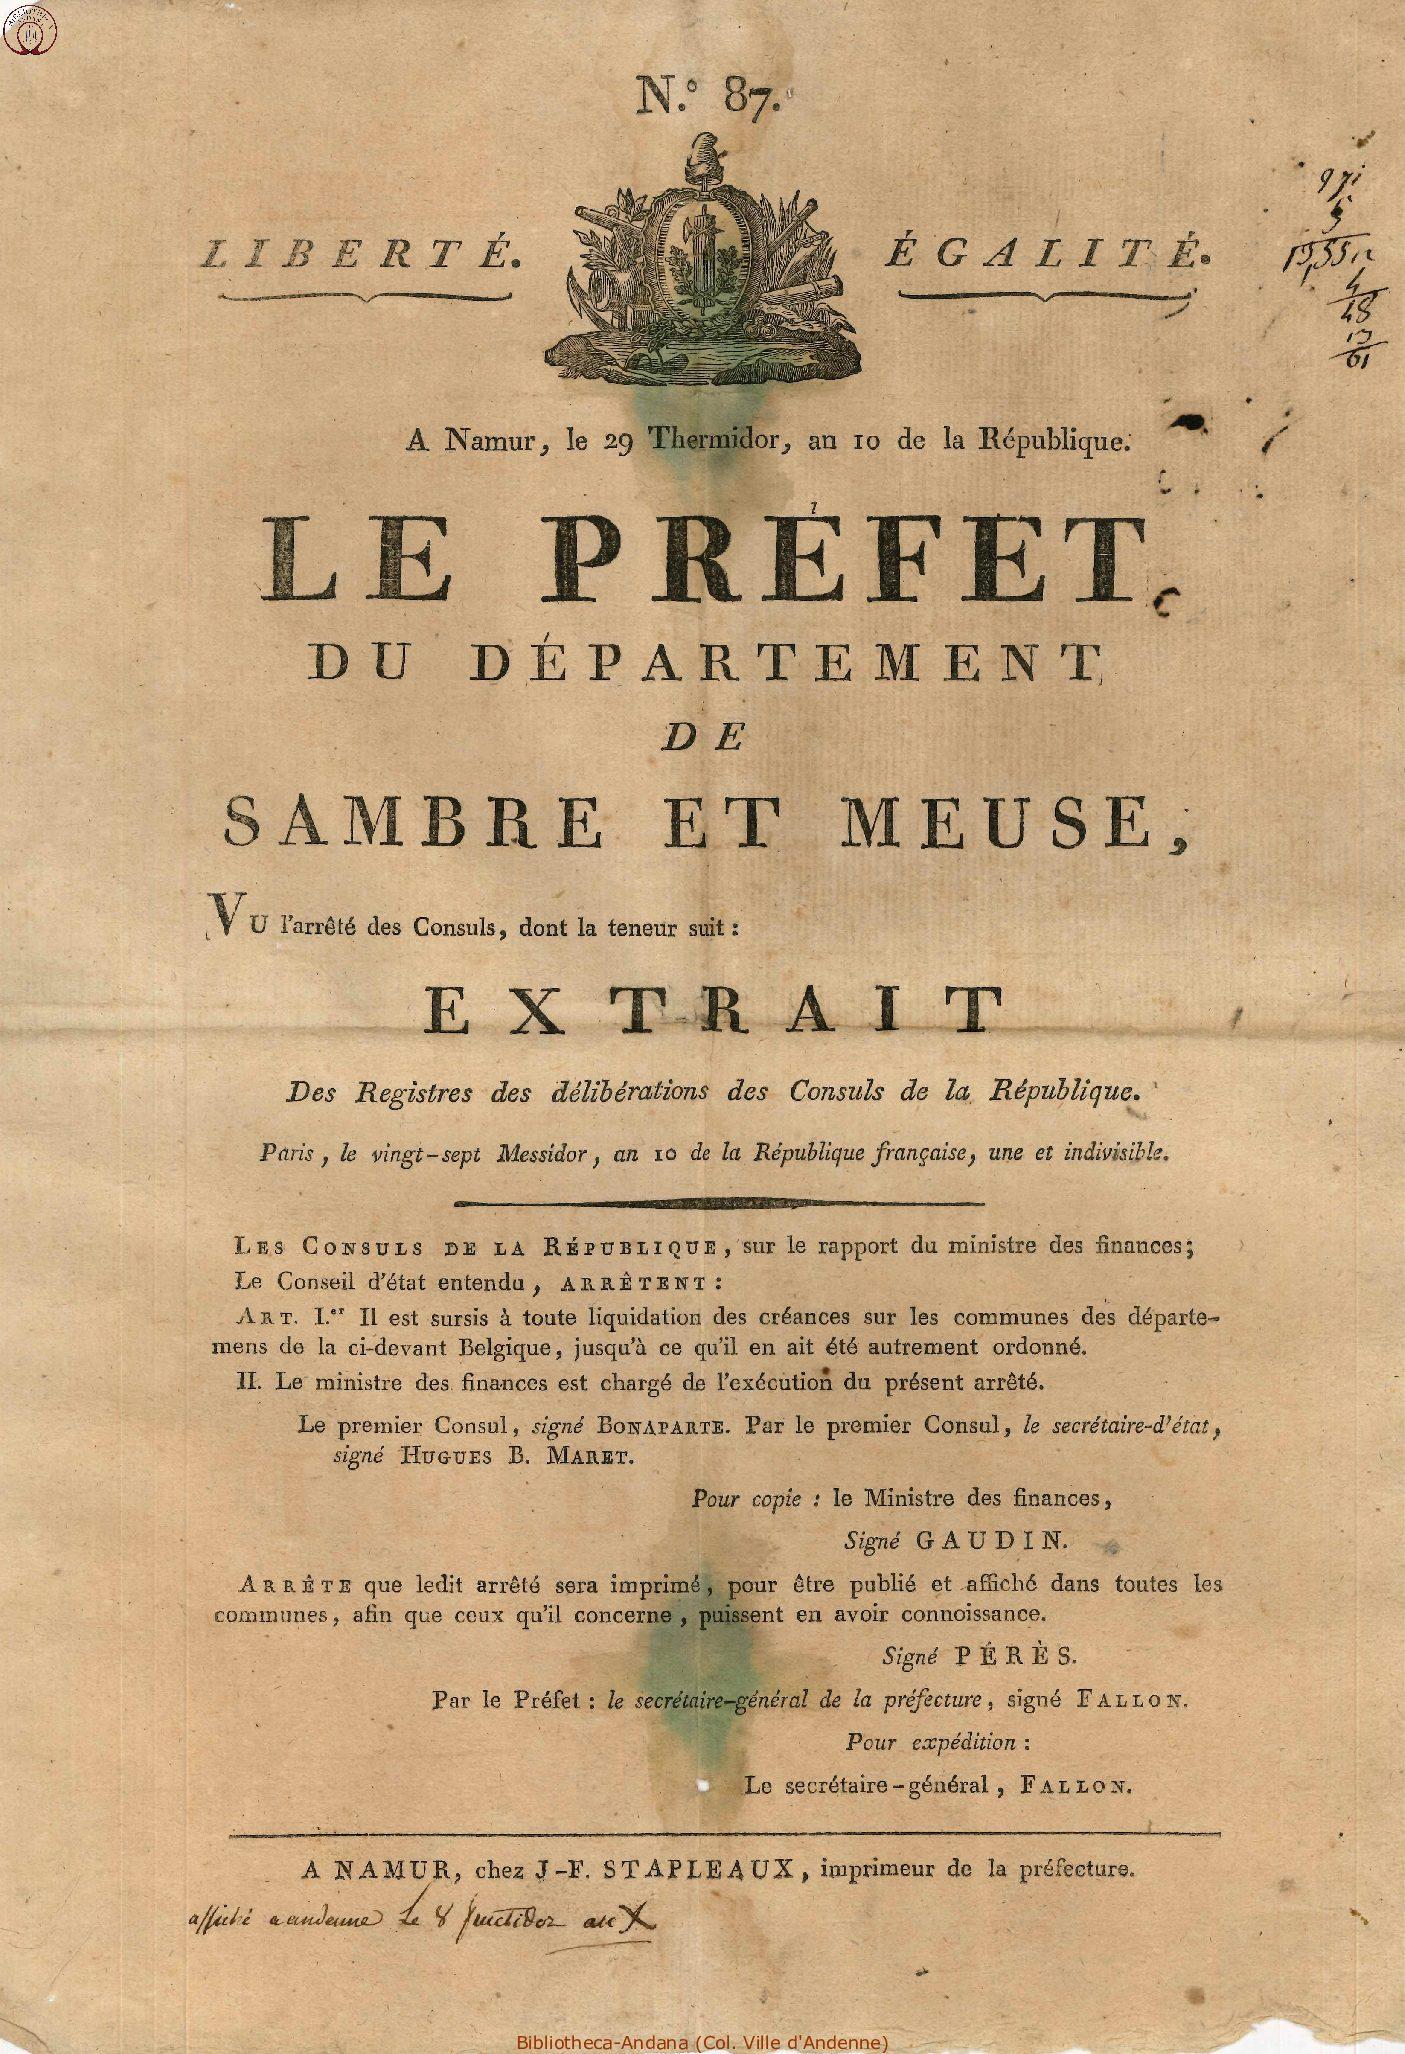 1802-08-26 (8 fructidor 10)